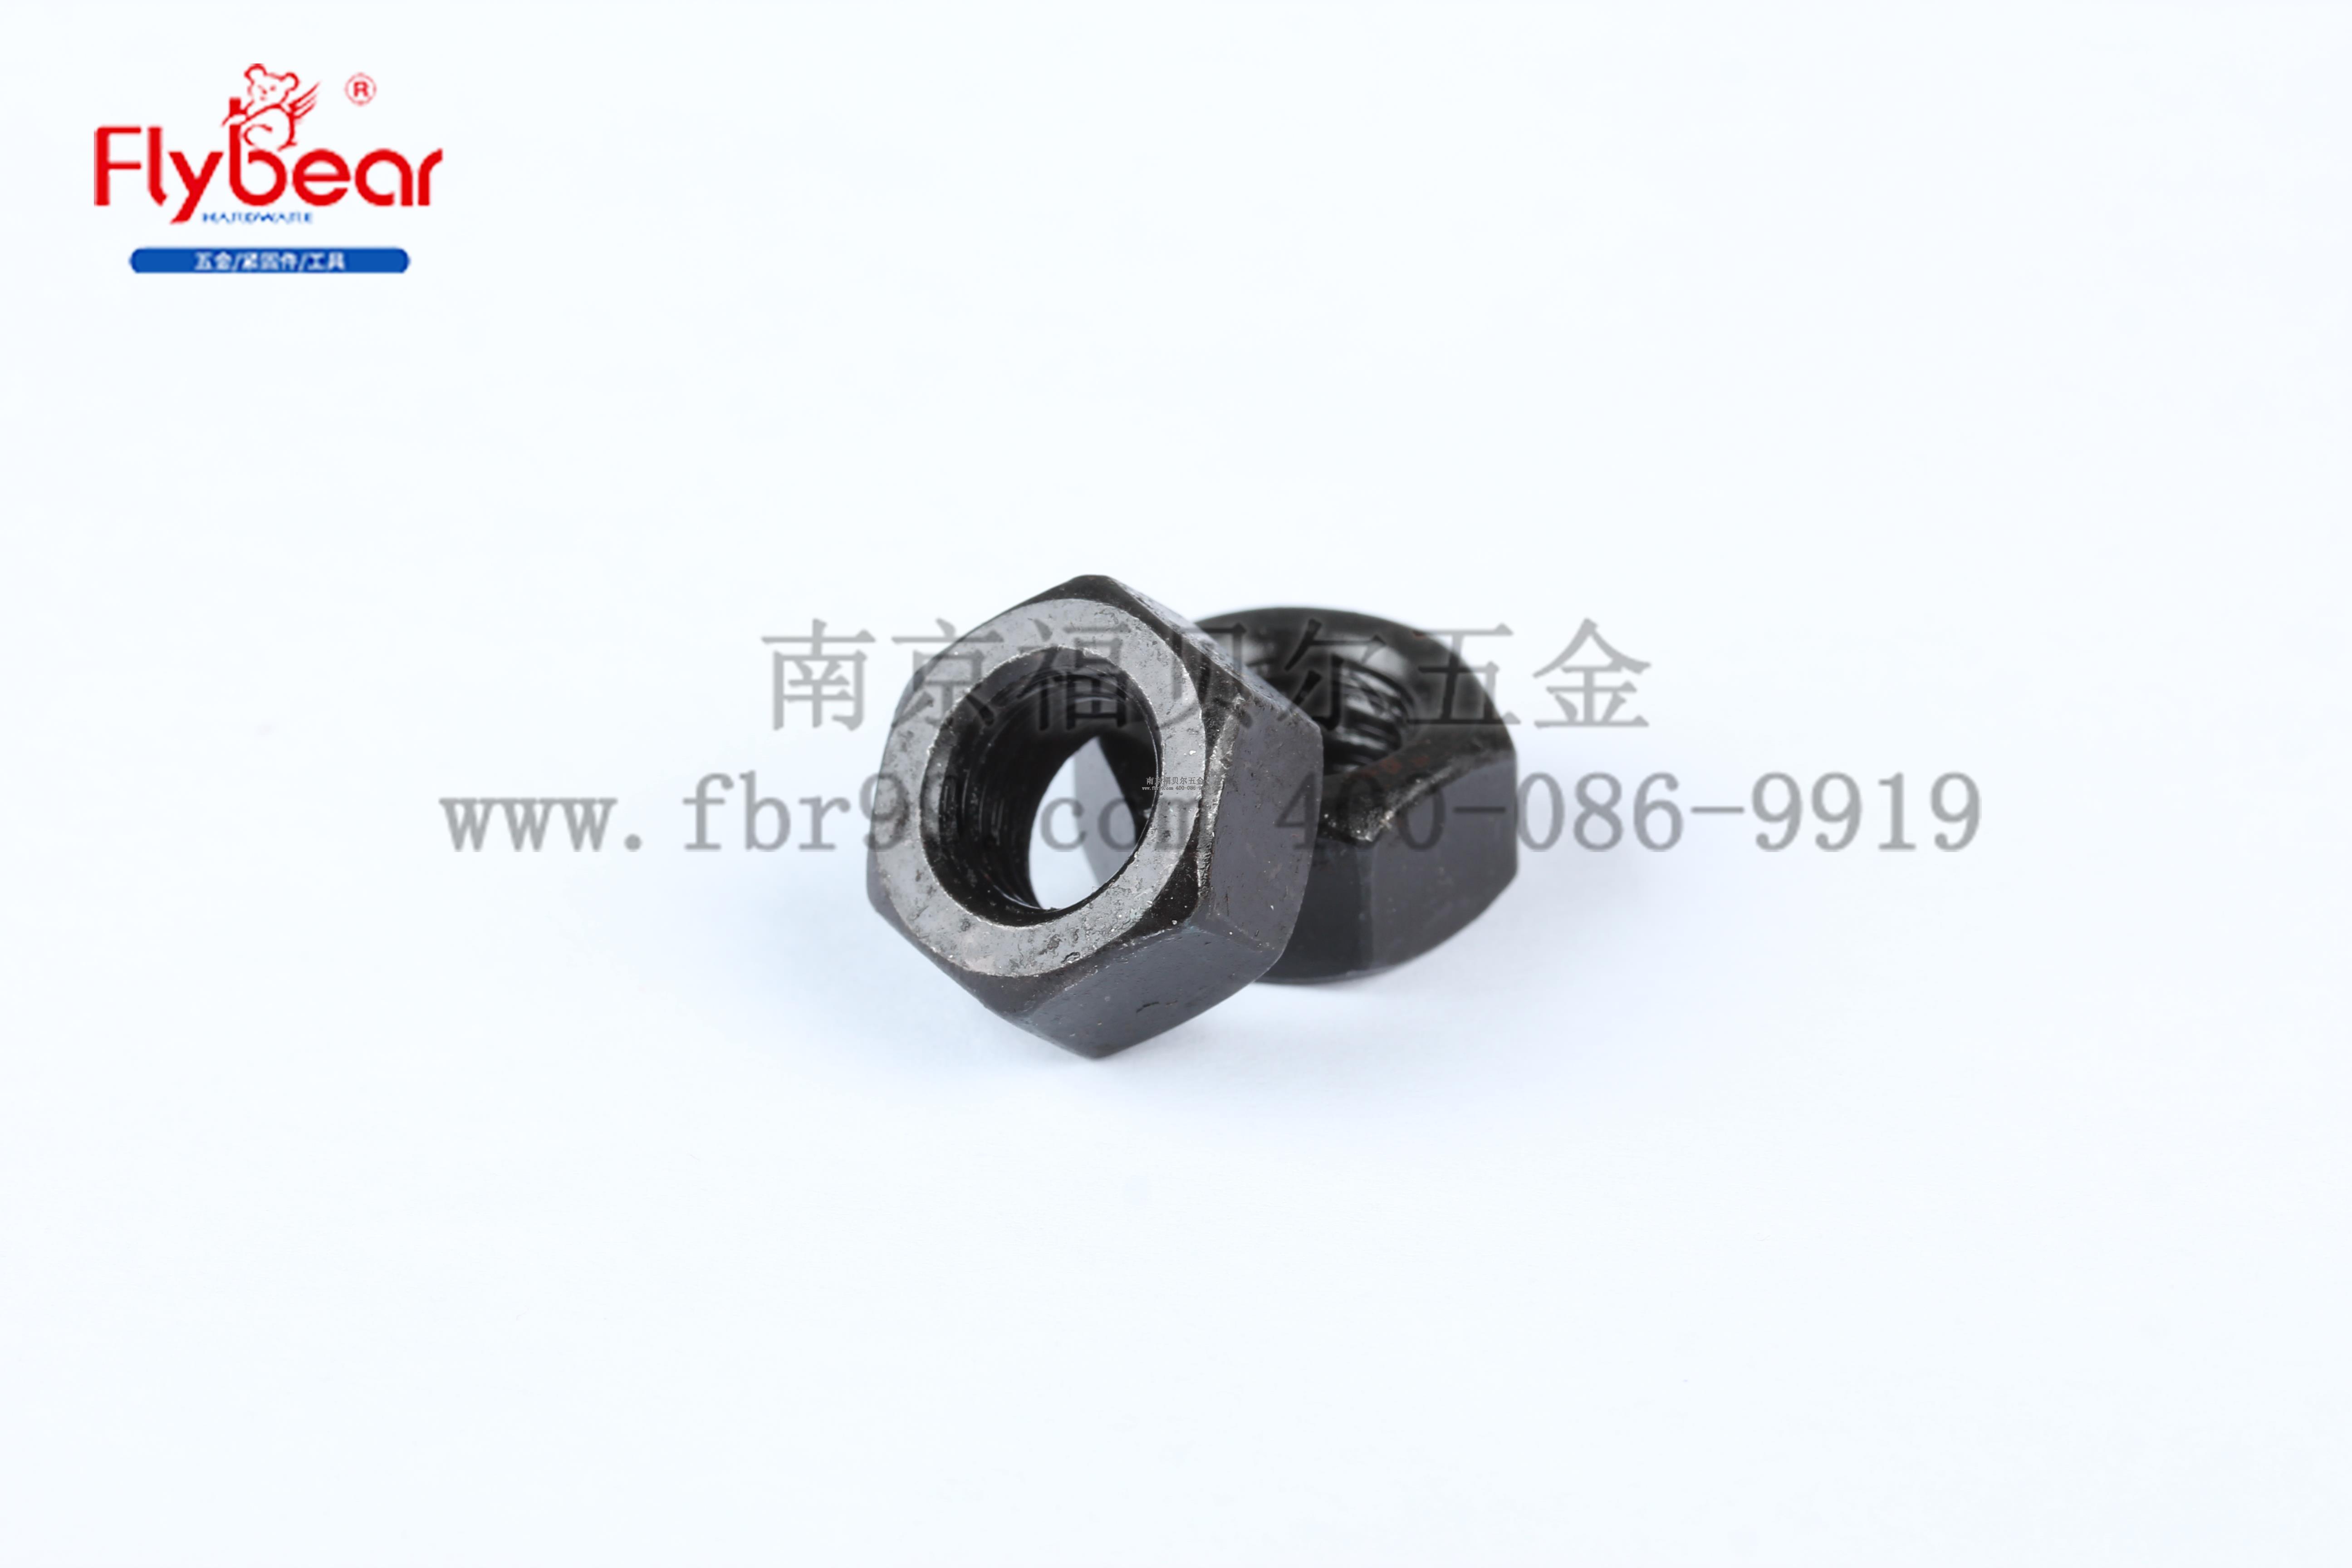 GB6170 六角左旋螺母 碳钢10级发黑